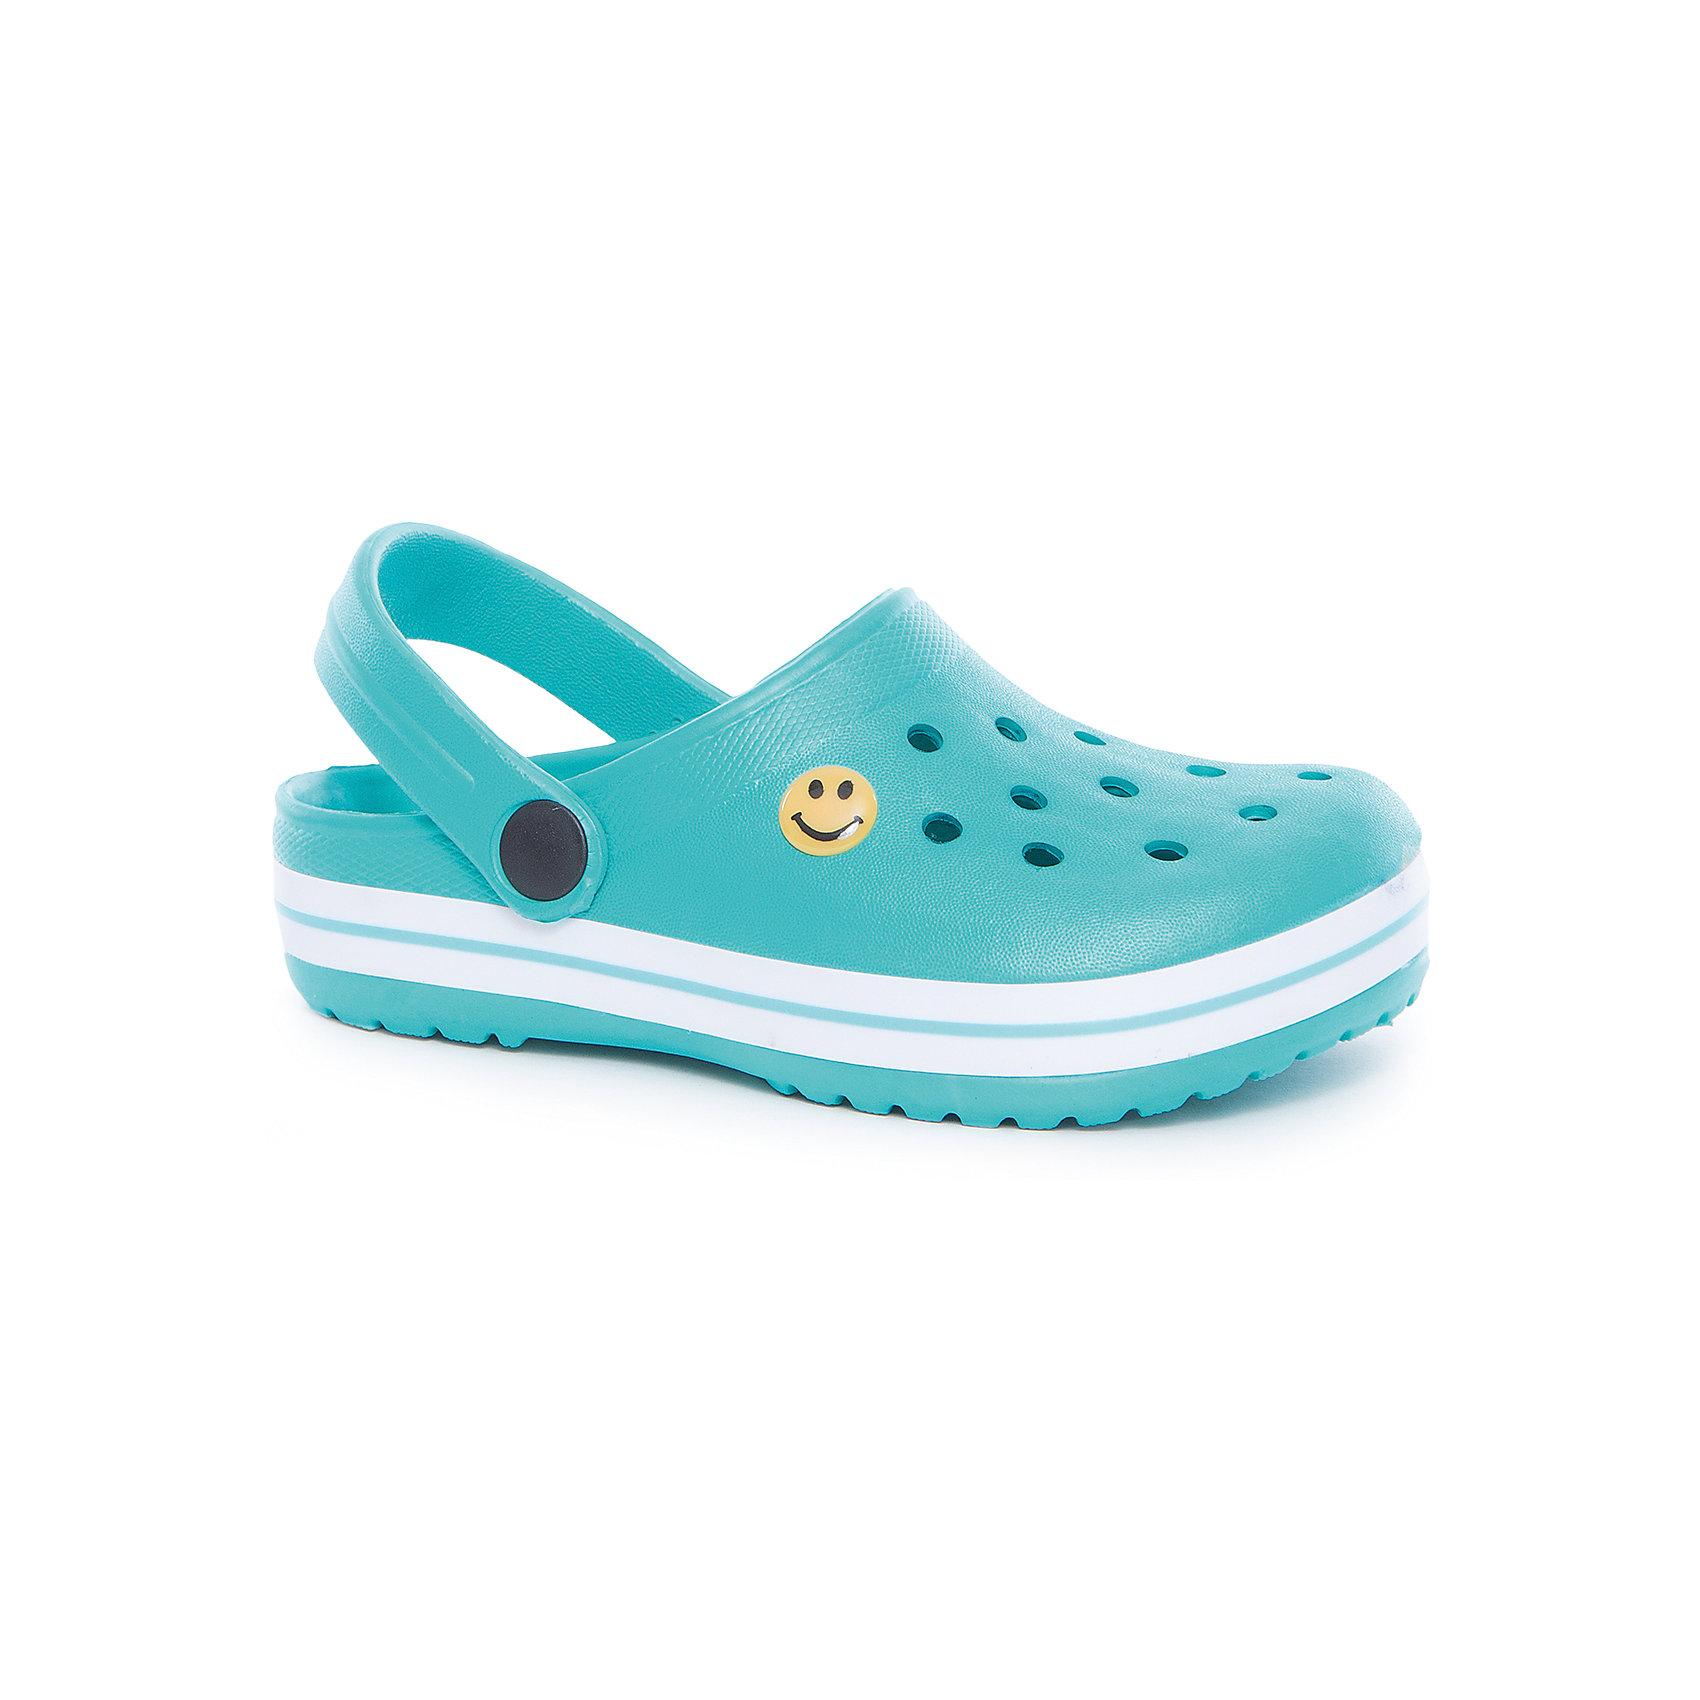 Сабо для мальчика PlayTodayПляжная обувь<br>Пантолеты для мальчика PlayToday<br>Удобные пантолеты (кроксы) прекрасно подойдут и для поездки на пляж, и для дачи. Модель с подвижным запяточным ремнем, который можно откинуть , что позволяет легко снимать и одевать обувь. Изготовлены из легкого материала. Перфорация в верхней части обеспечивает вентиляцию ноги<br>Состав:<br>100% этилвинилацетат<br><br>Ширина мм: 225<br>Глубина мм: 139<br>Высота мм: 112<br>Вес г: 290<br>Цвет: разноцветный<br>Возраст от месяцев: 96<br>Возраст до месяцев: 108<br>Пол: Мужской<br>Возраст: Детский<br>Размер: 32,28,29,30,31<br>SKU: 5403585